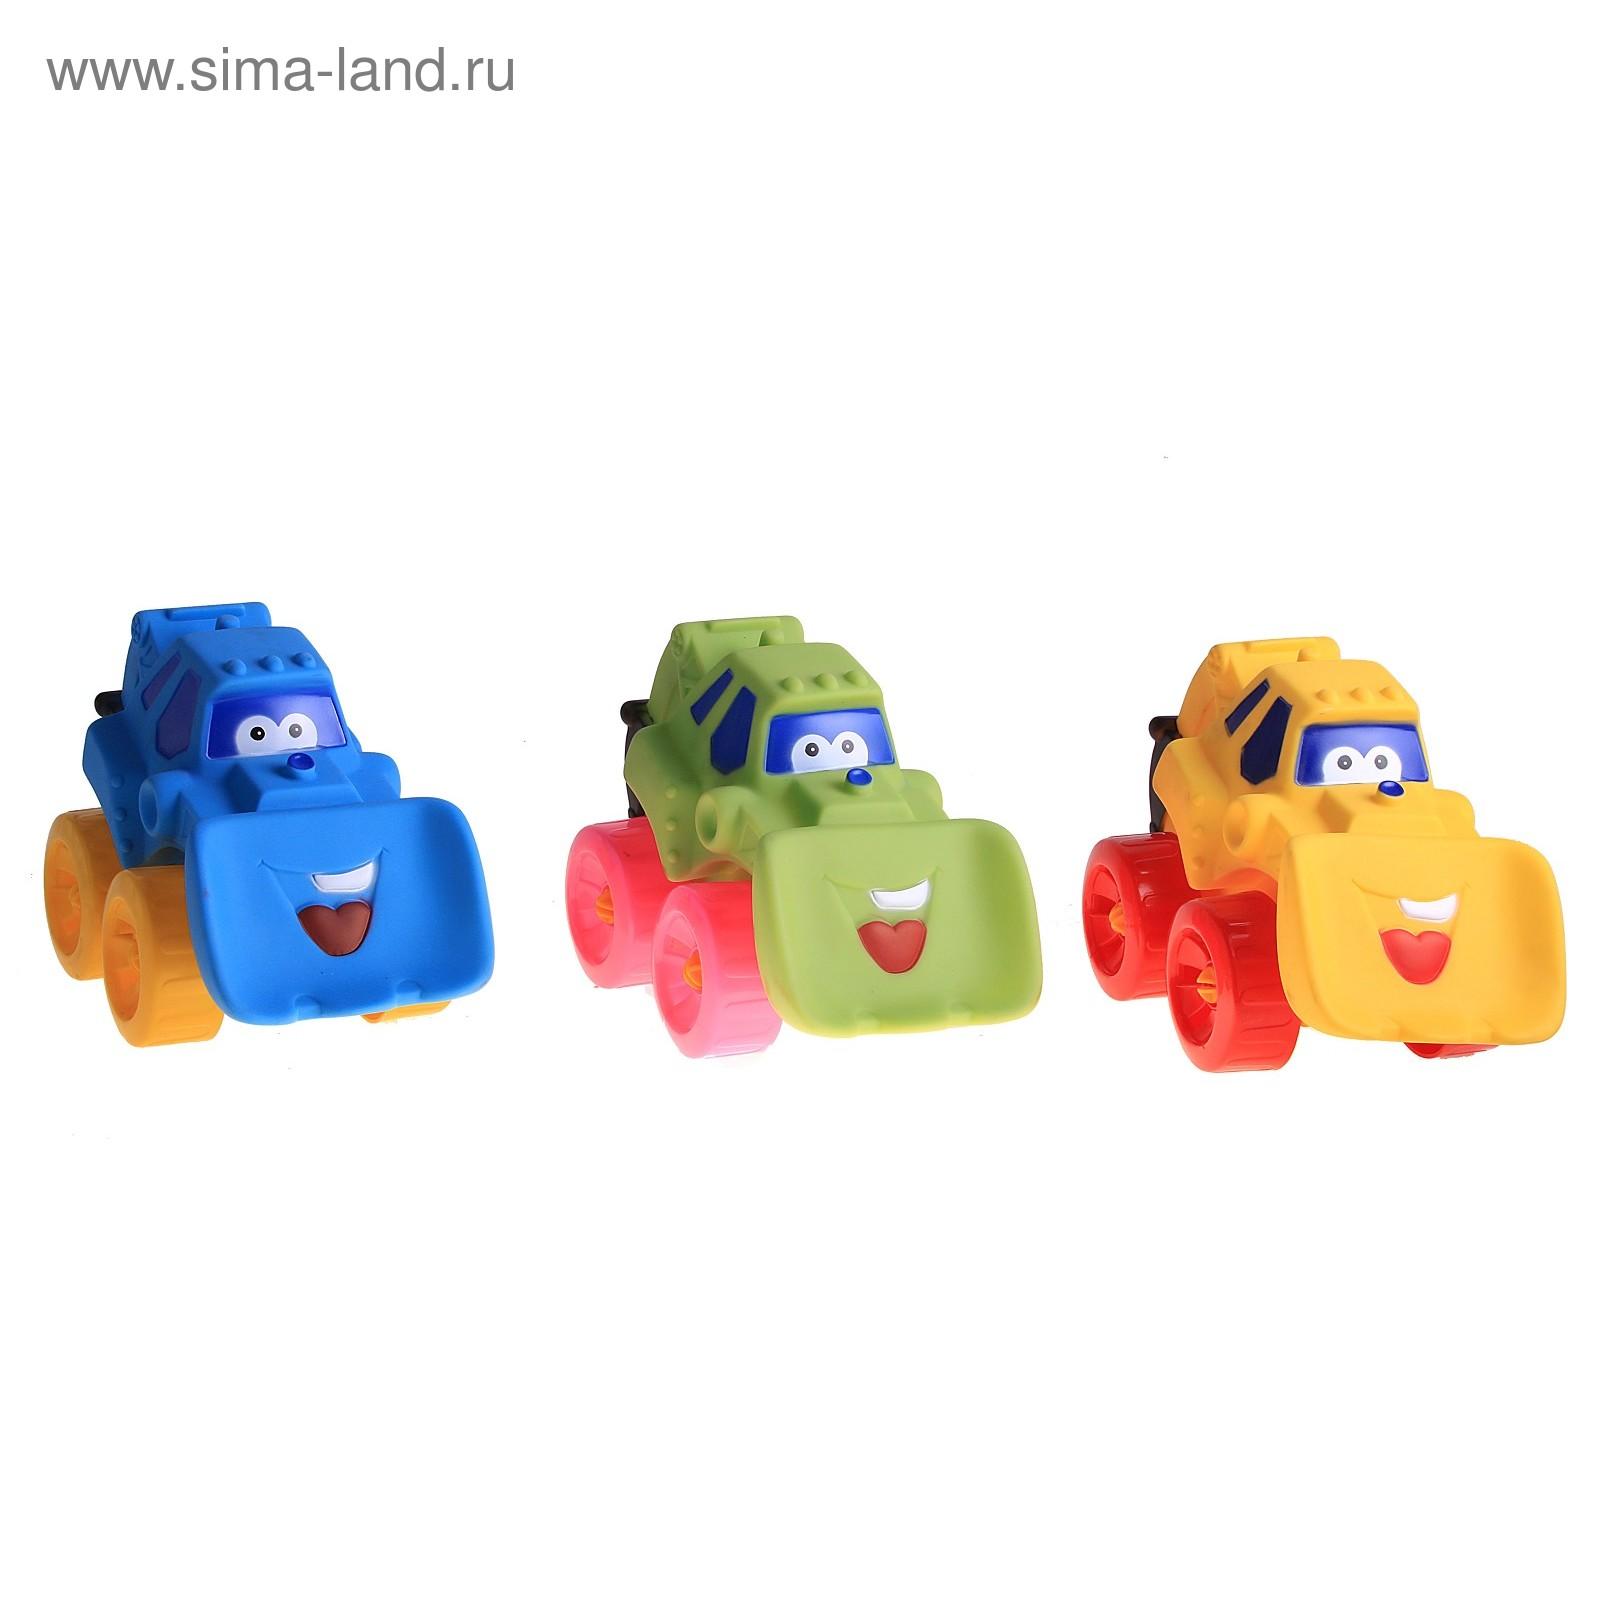 Игрушка Машина Бульдозер